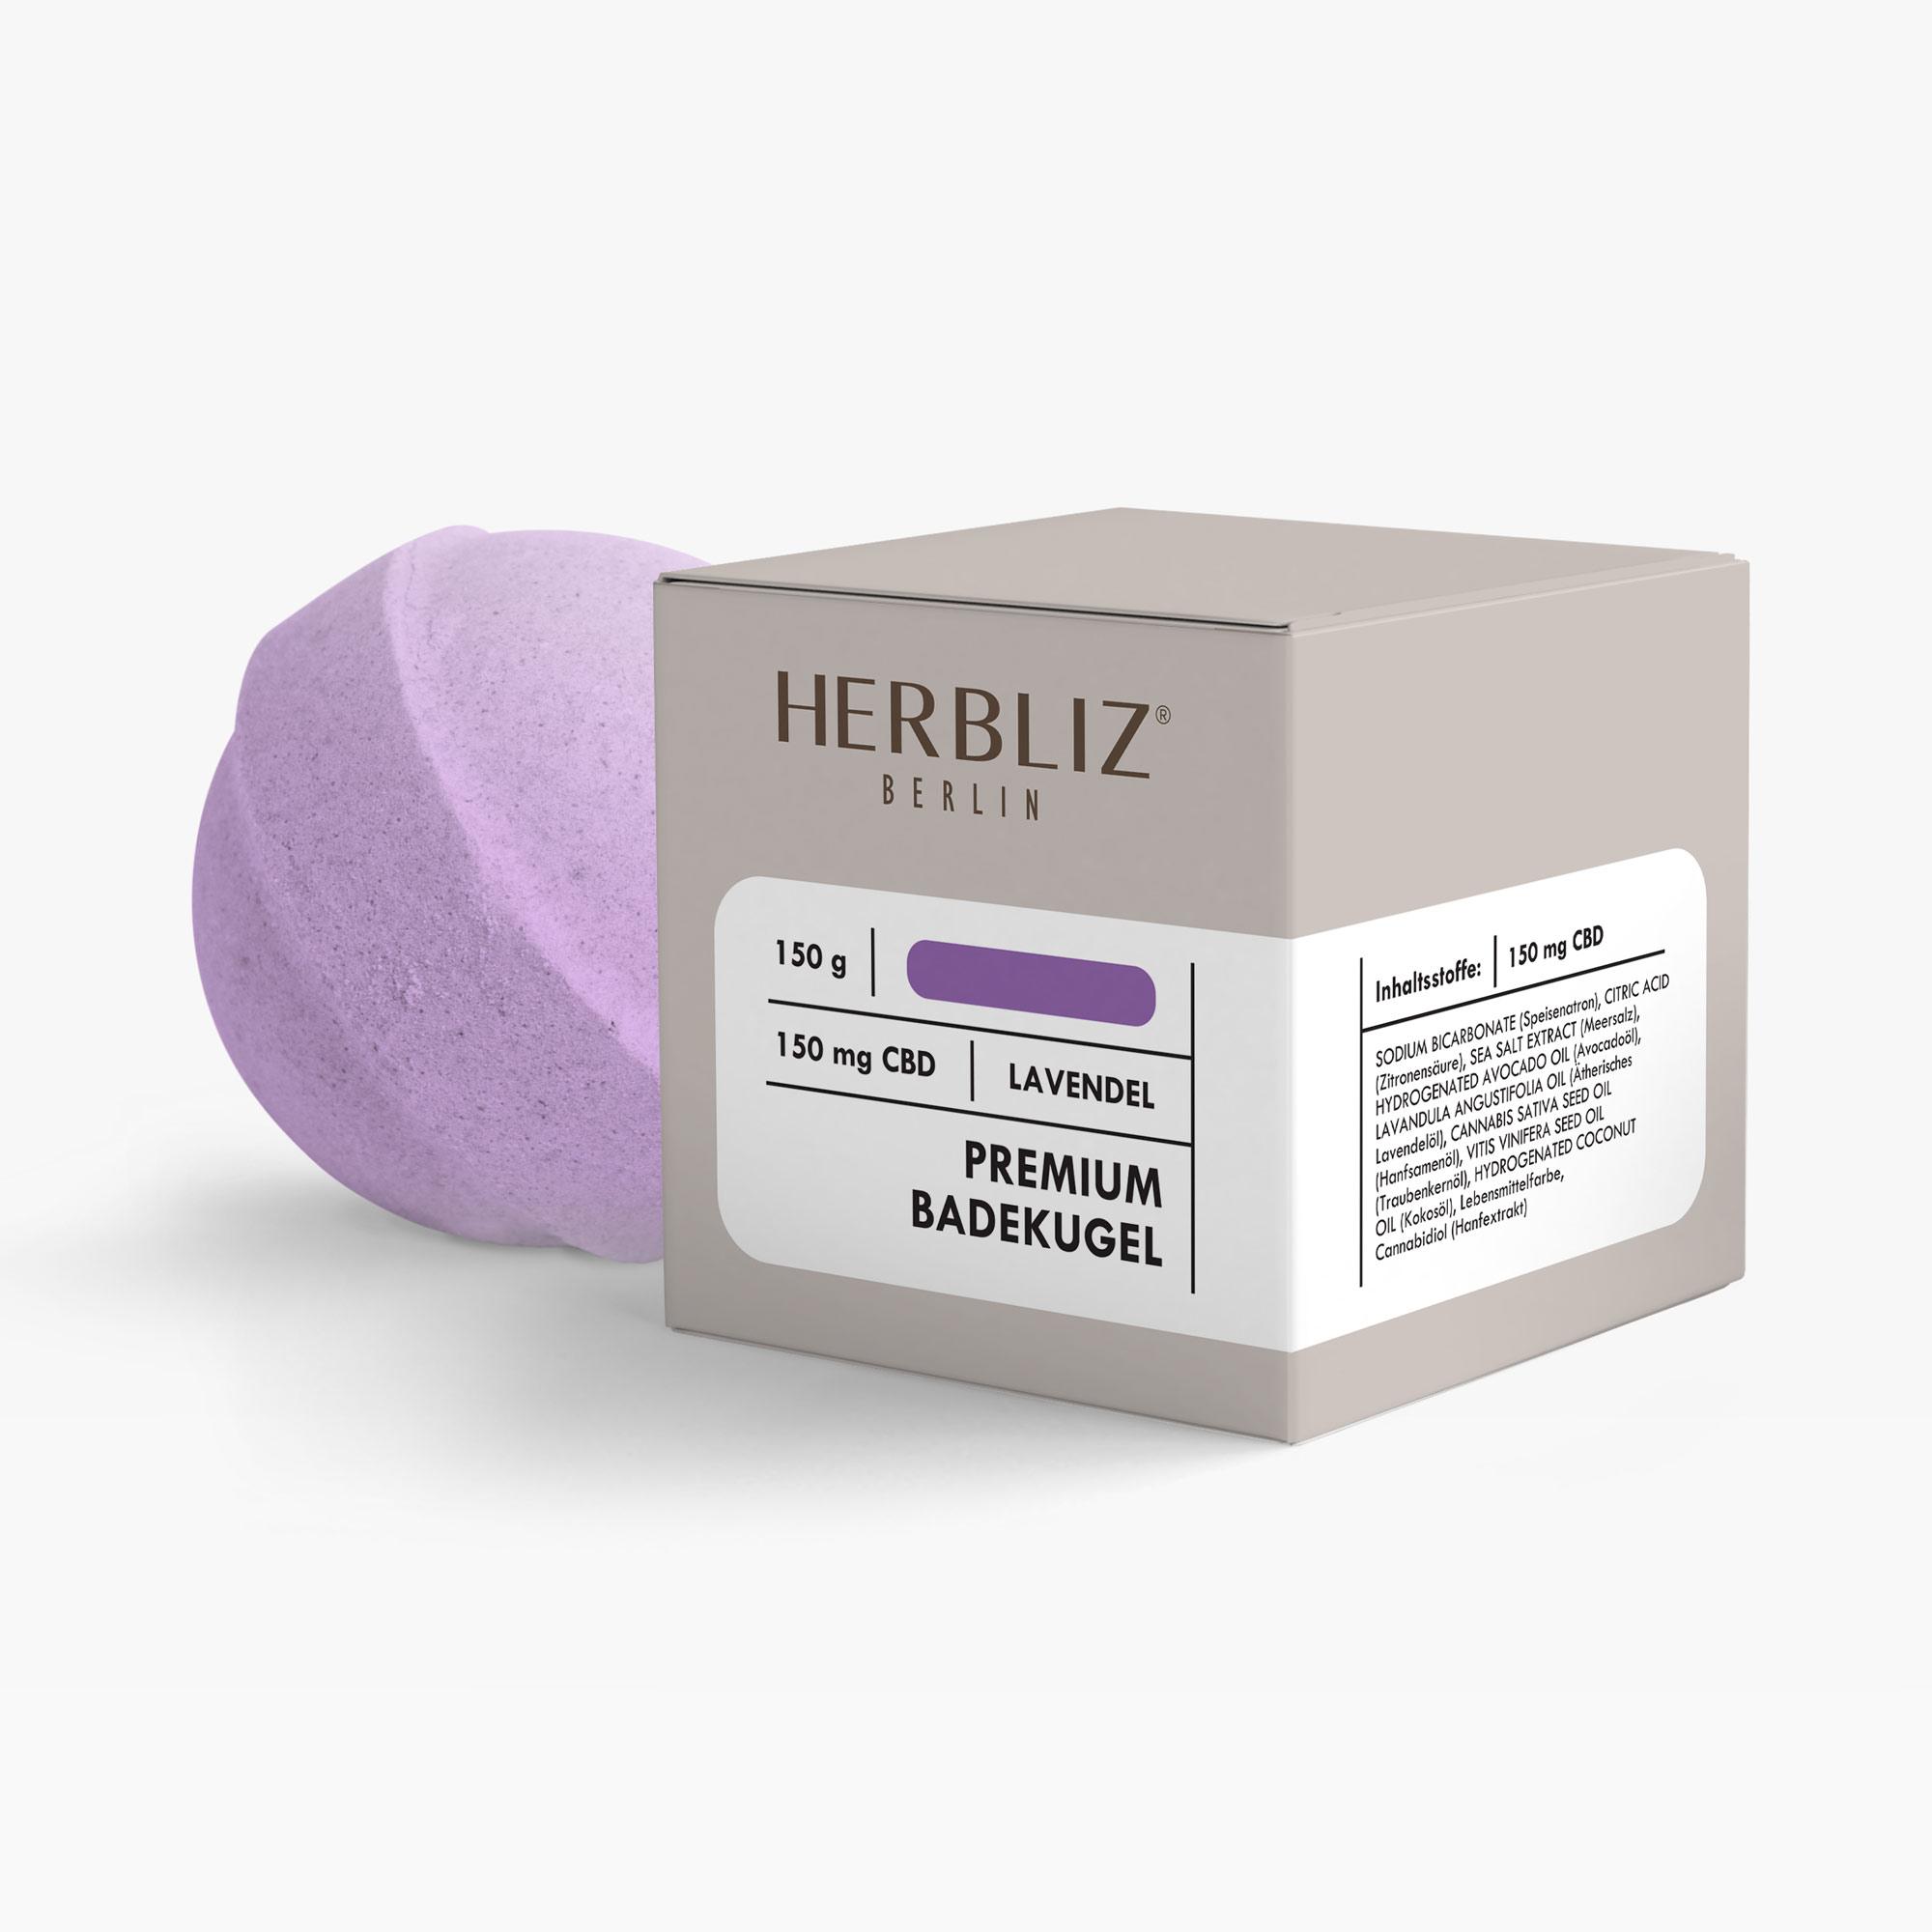 HERBLIZ CBD Badekugel - Lavendel